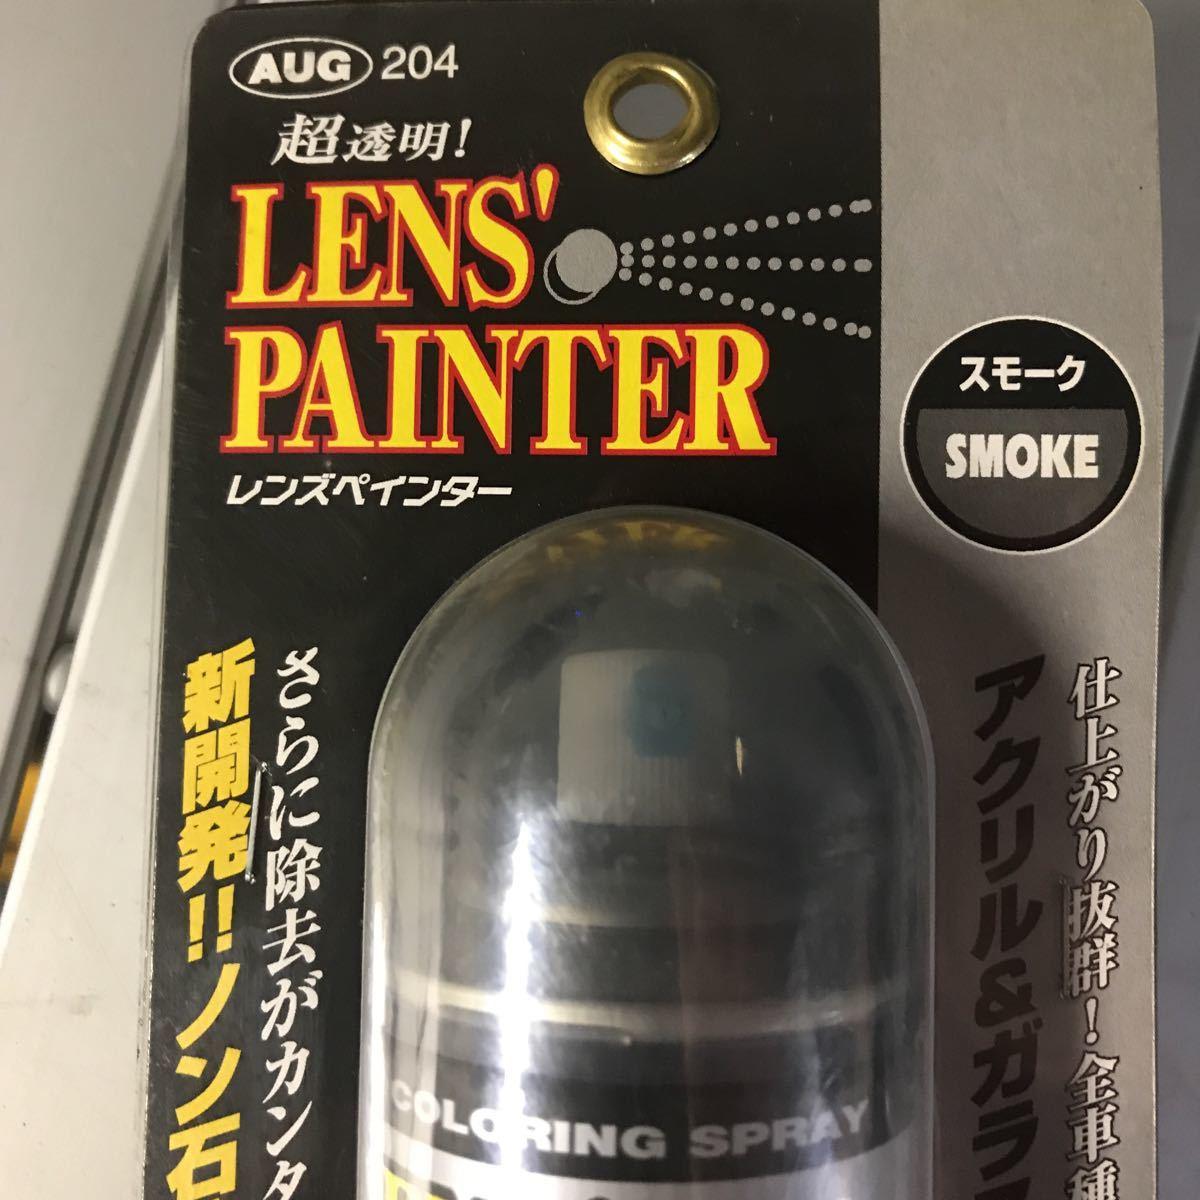 レンズペインター スモークスプレー テールランプをスモークレンズに! 未使用品_画像2